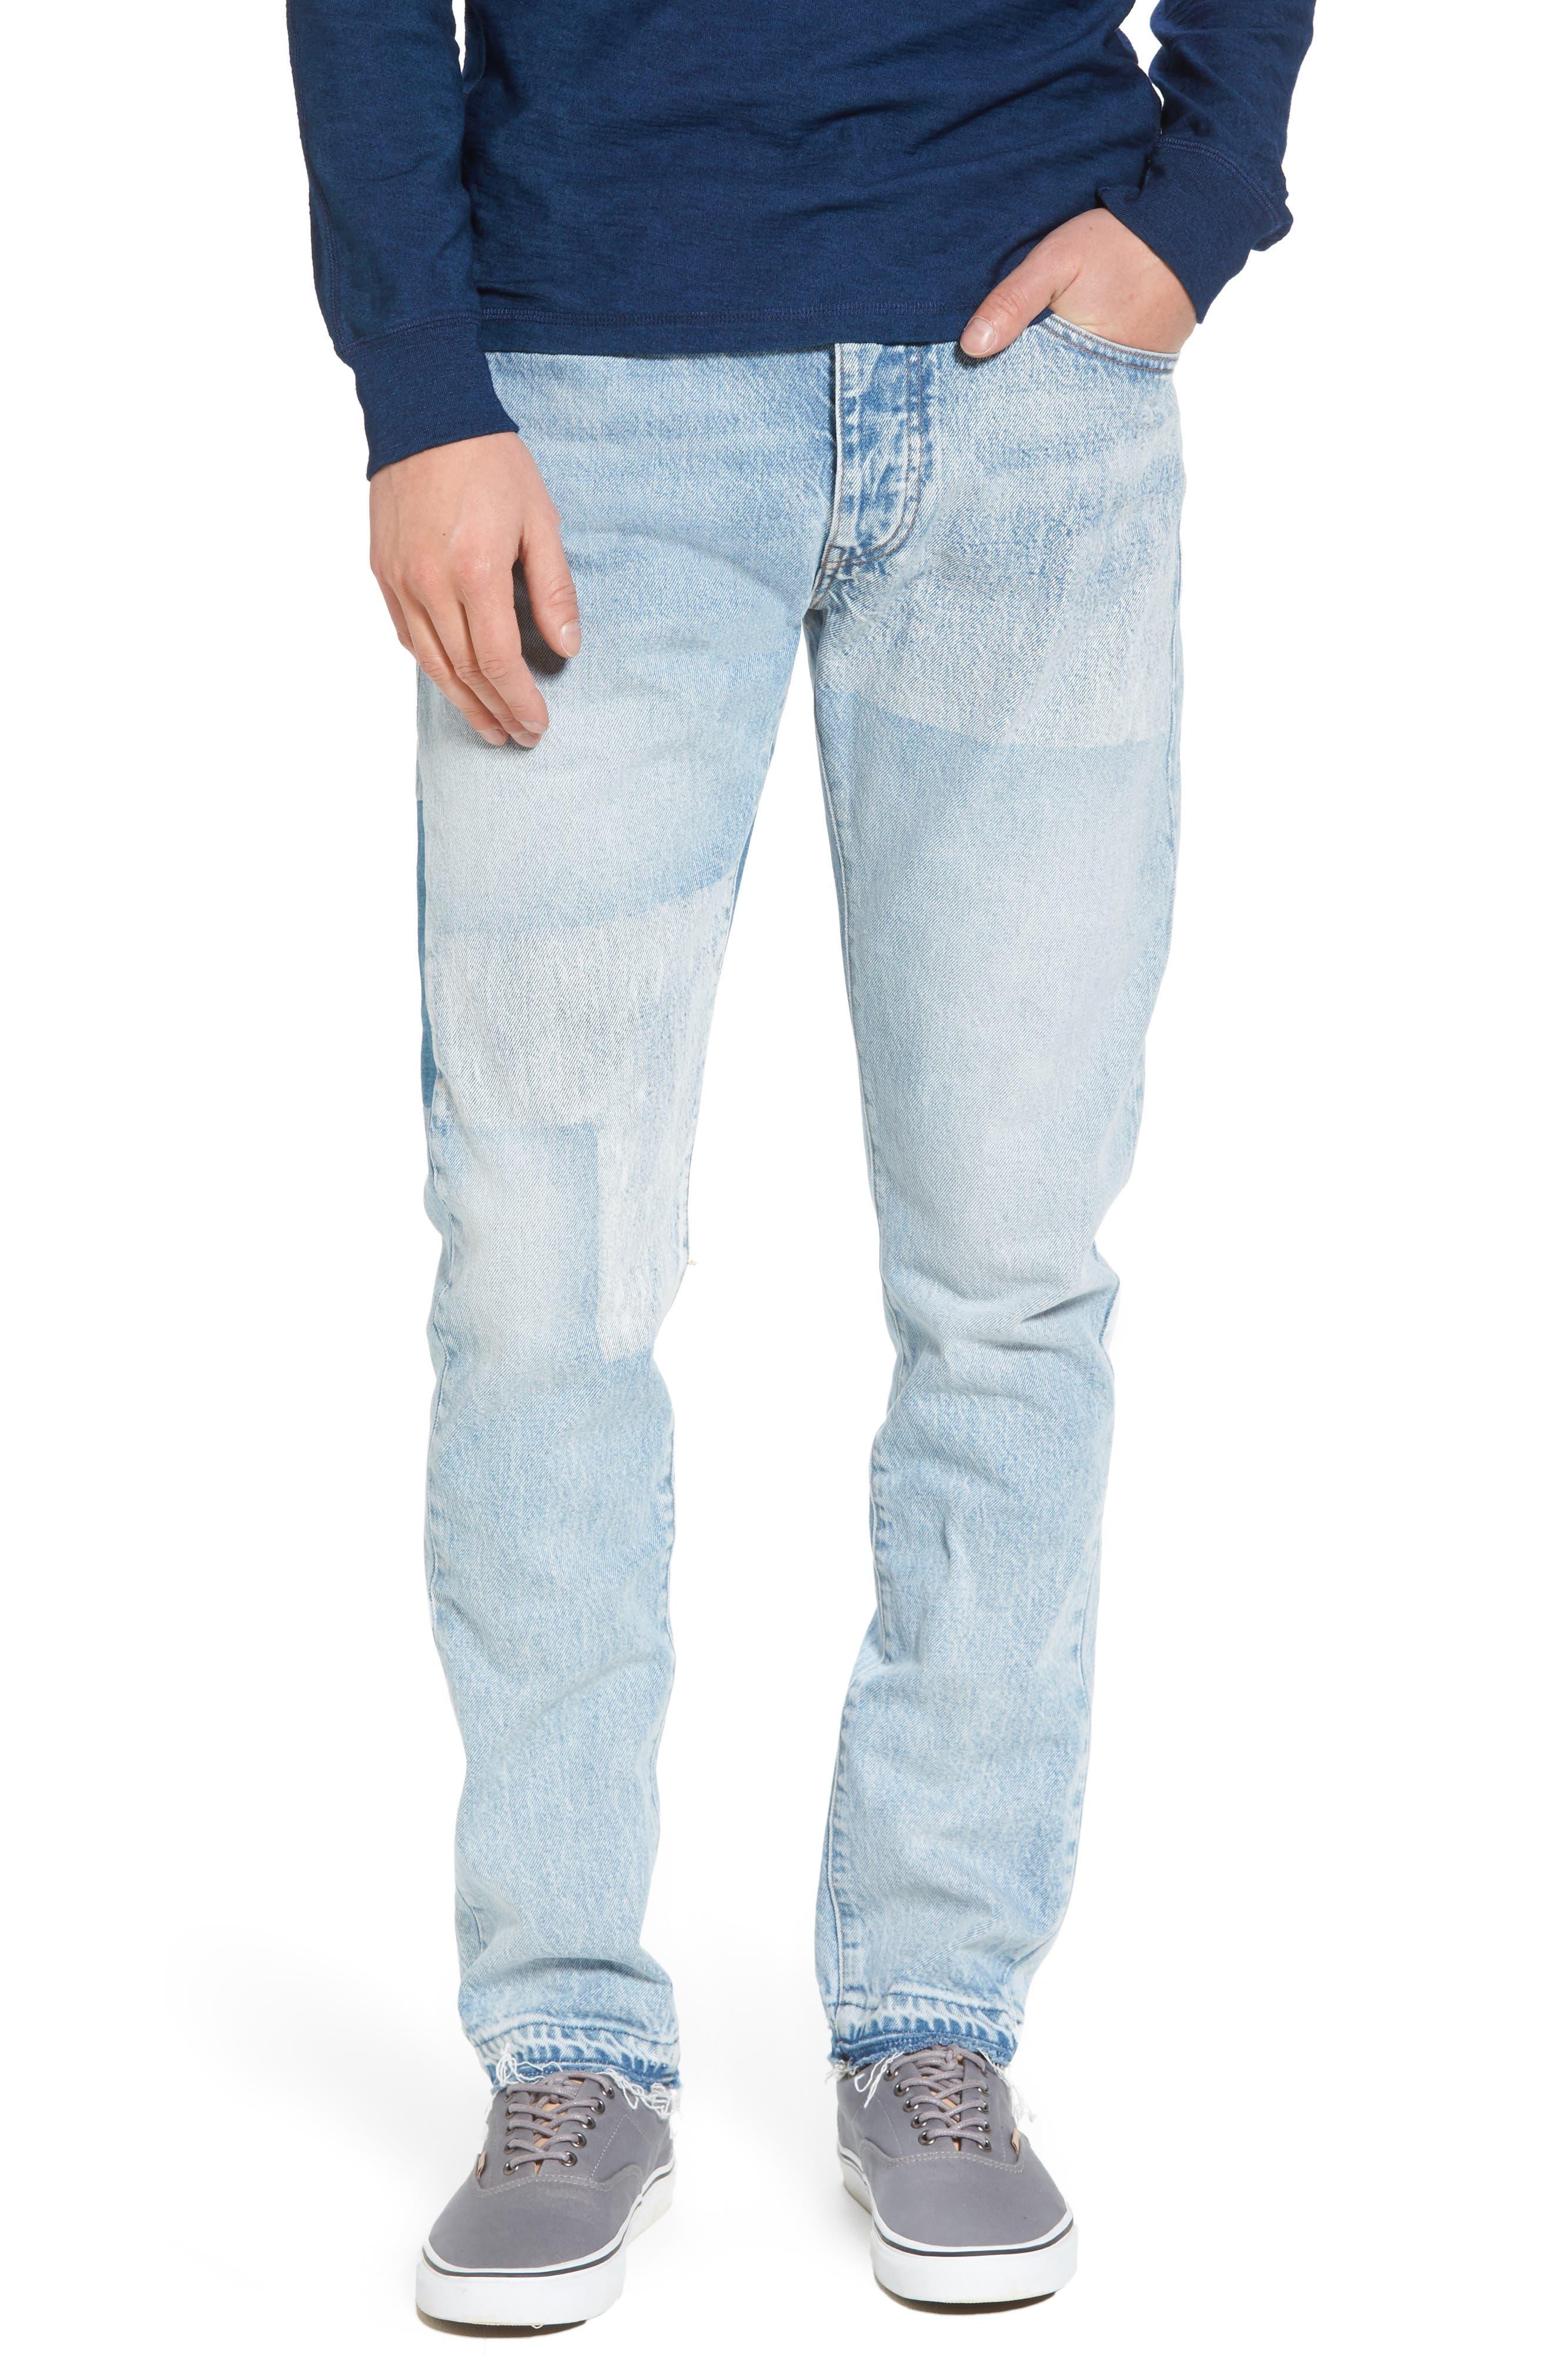 Studio Slim Fit Jeans,                         Main,                         color,